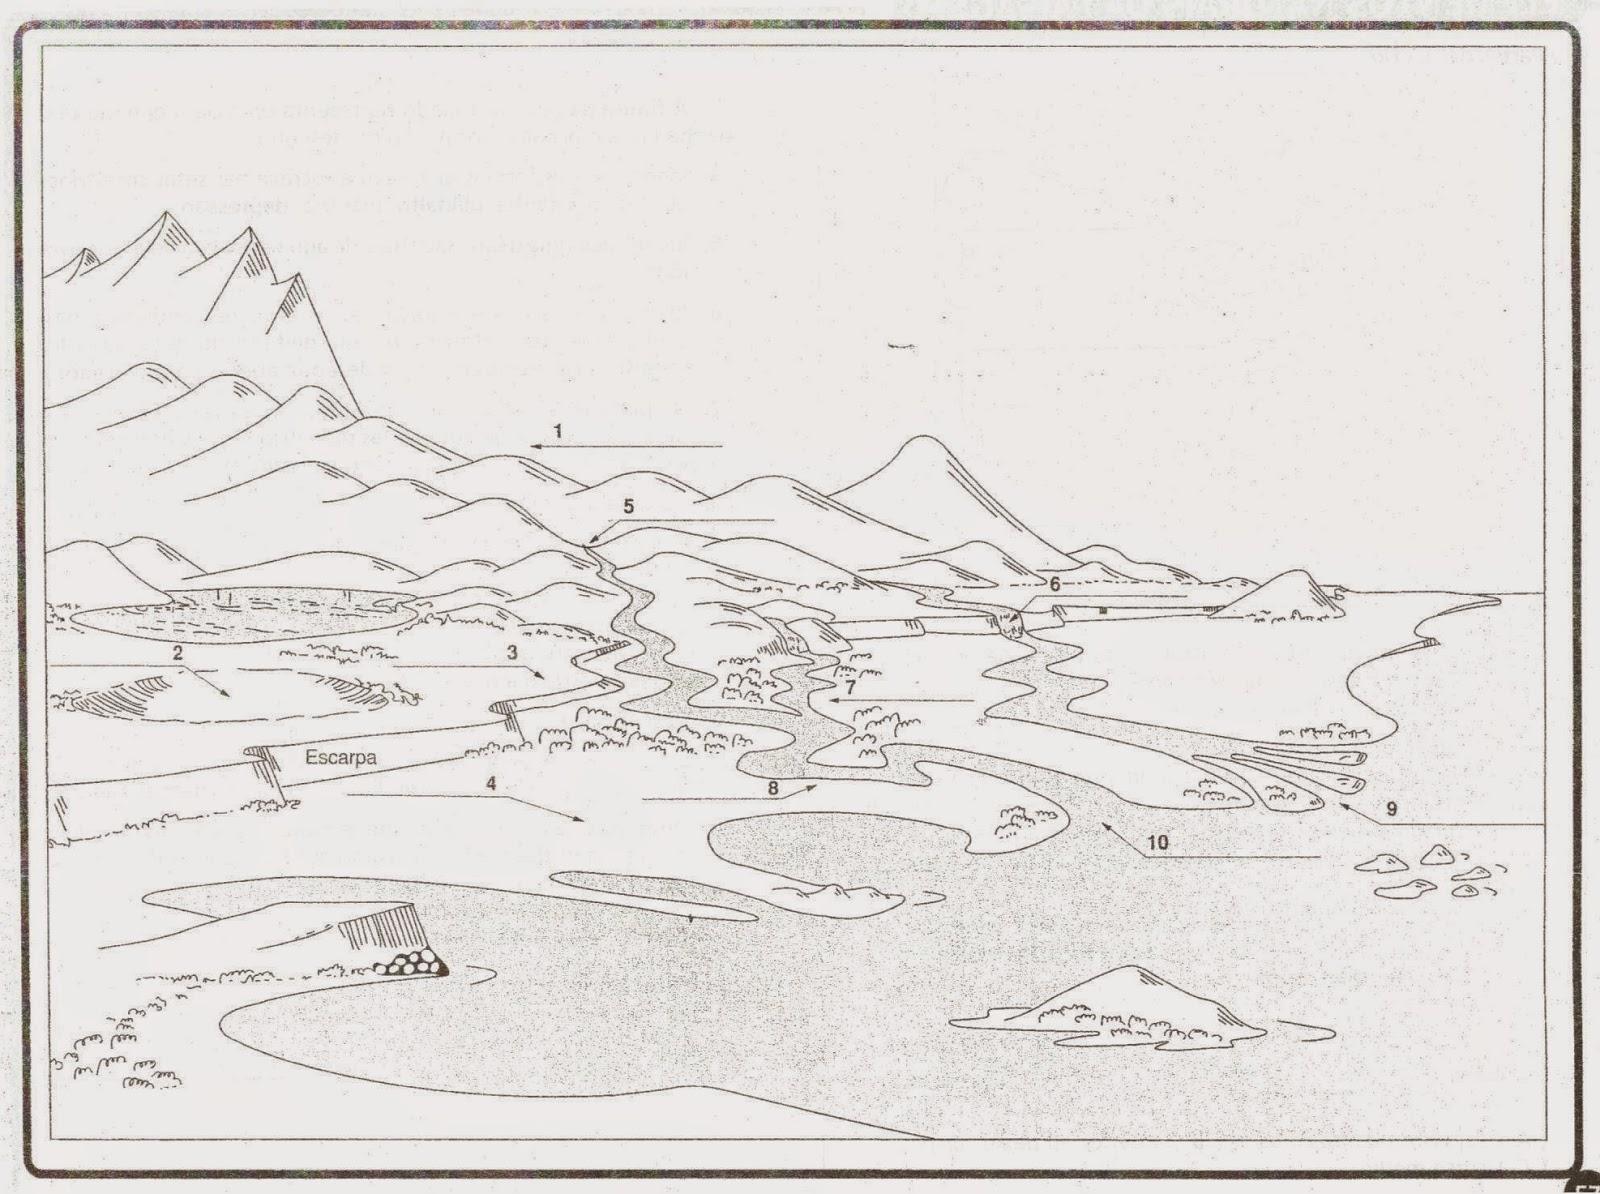 Professor wladimir geografia maquete das formas de relevo - Maneras de pintar ...